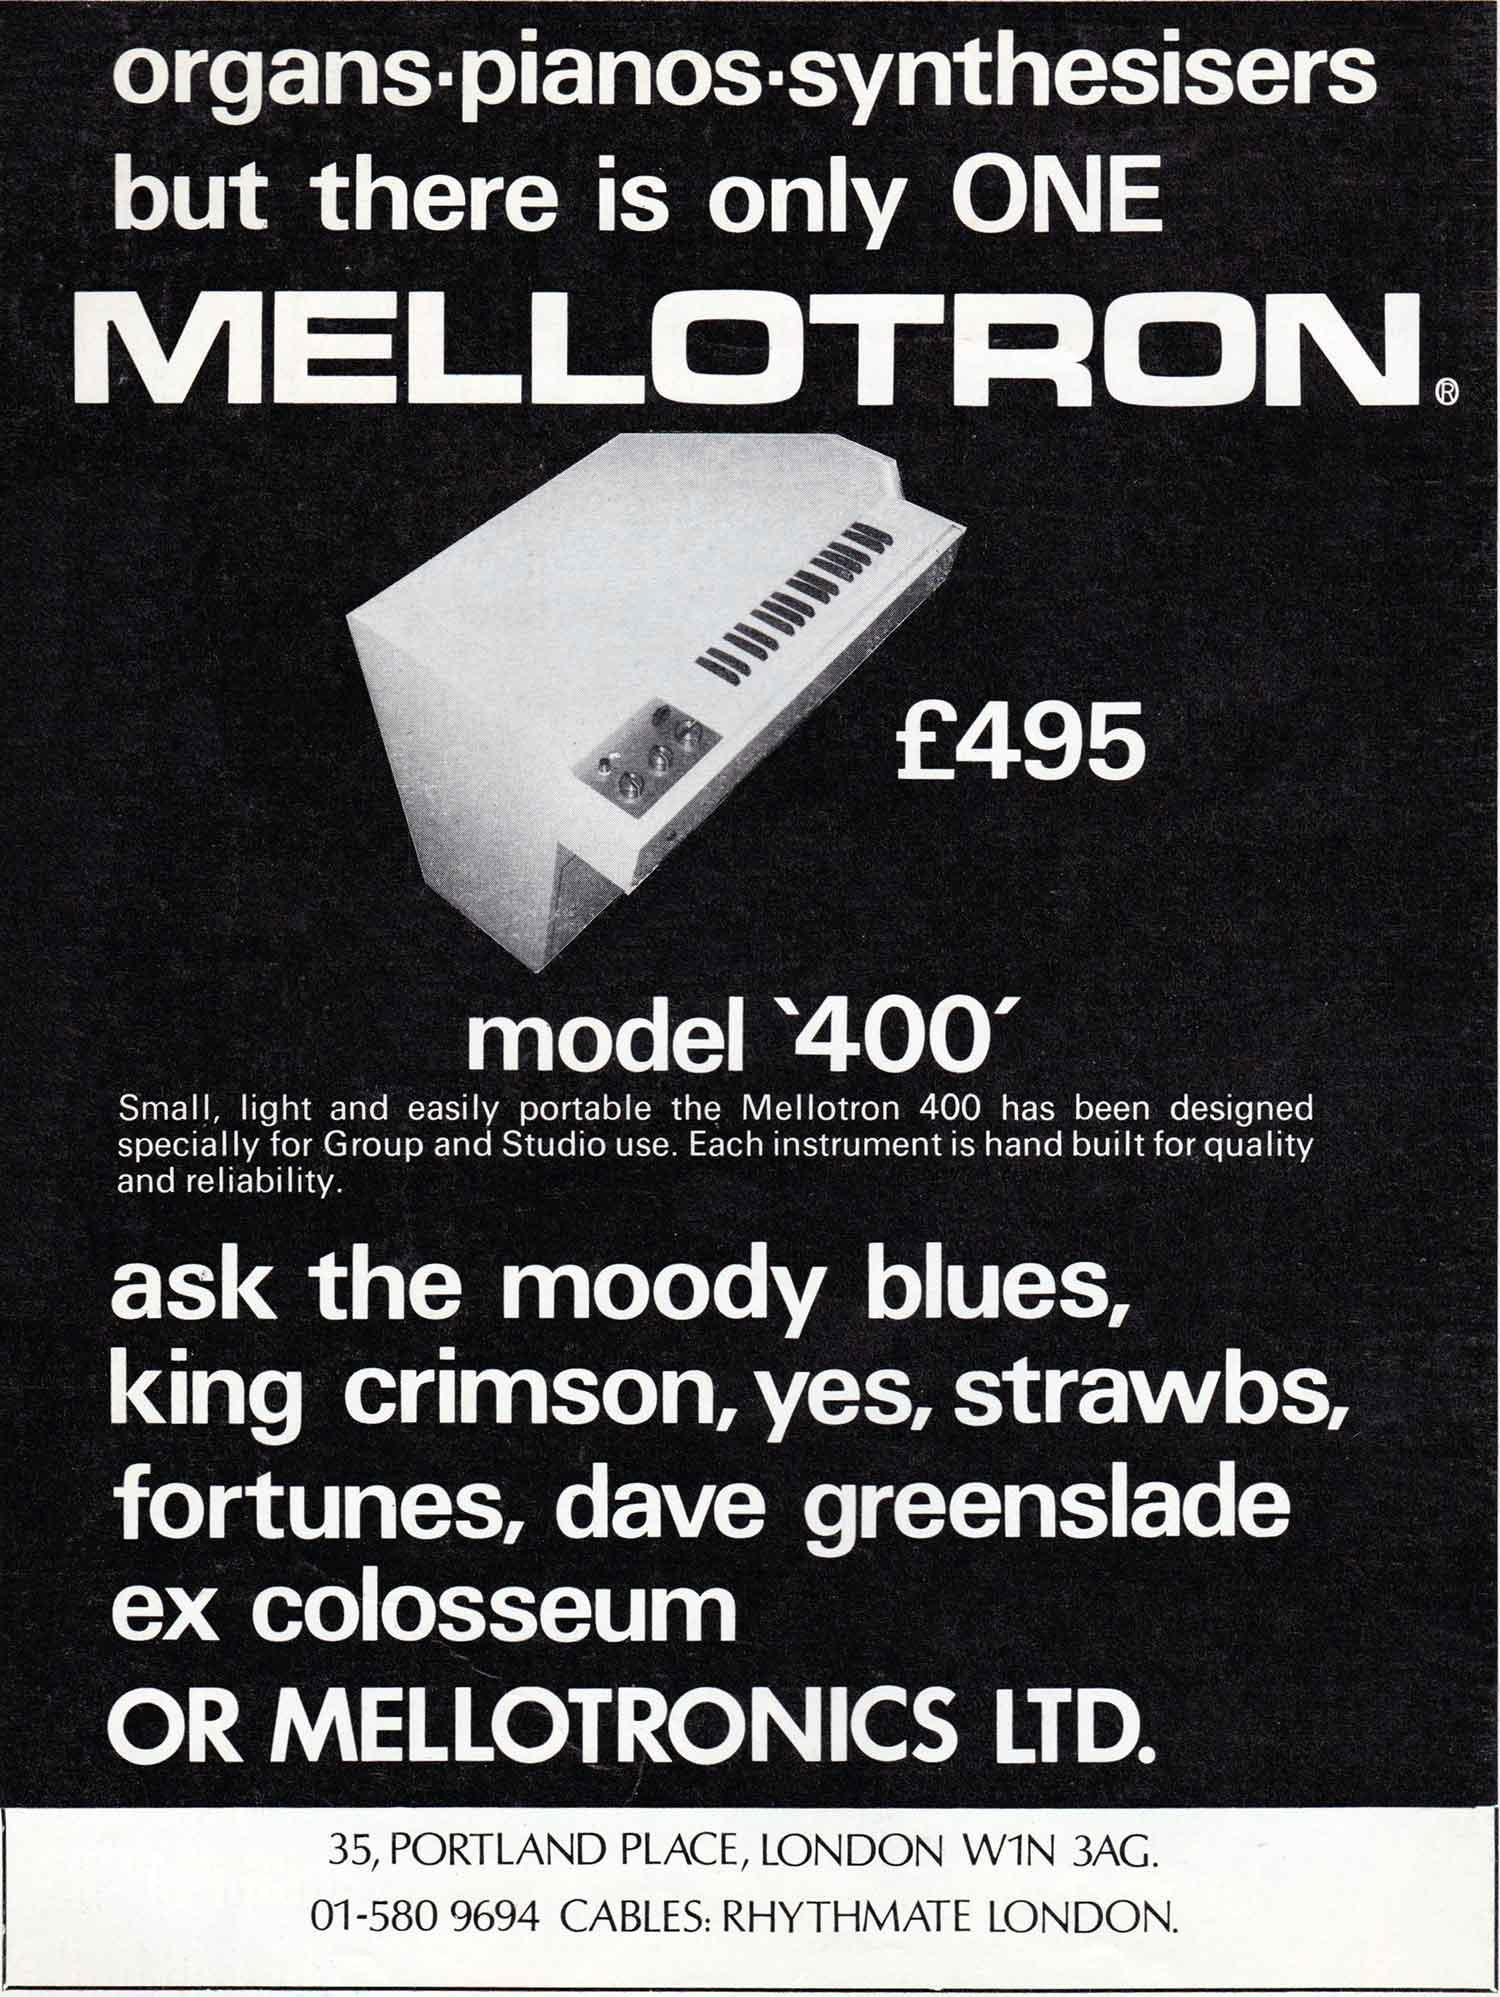 m400ad_mellotron_classic_2_vintage